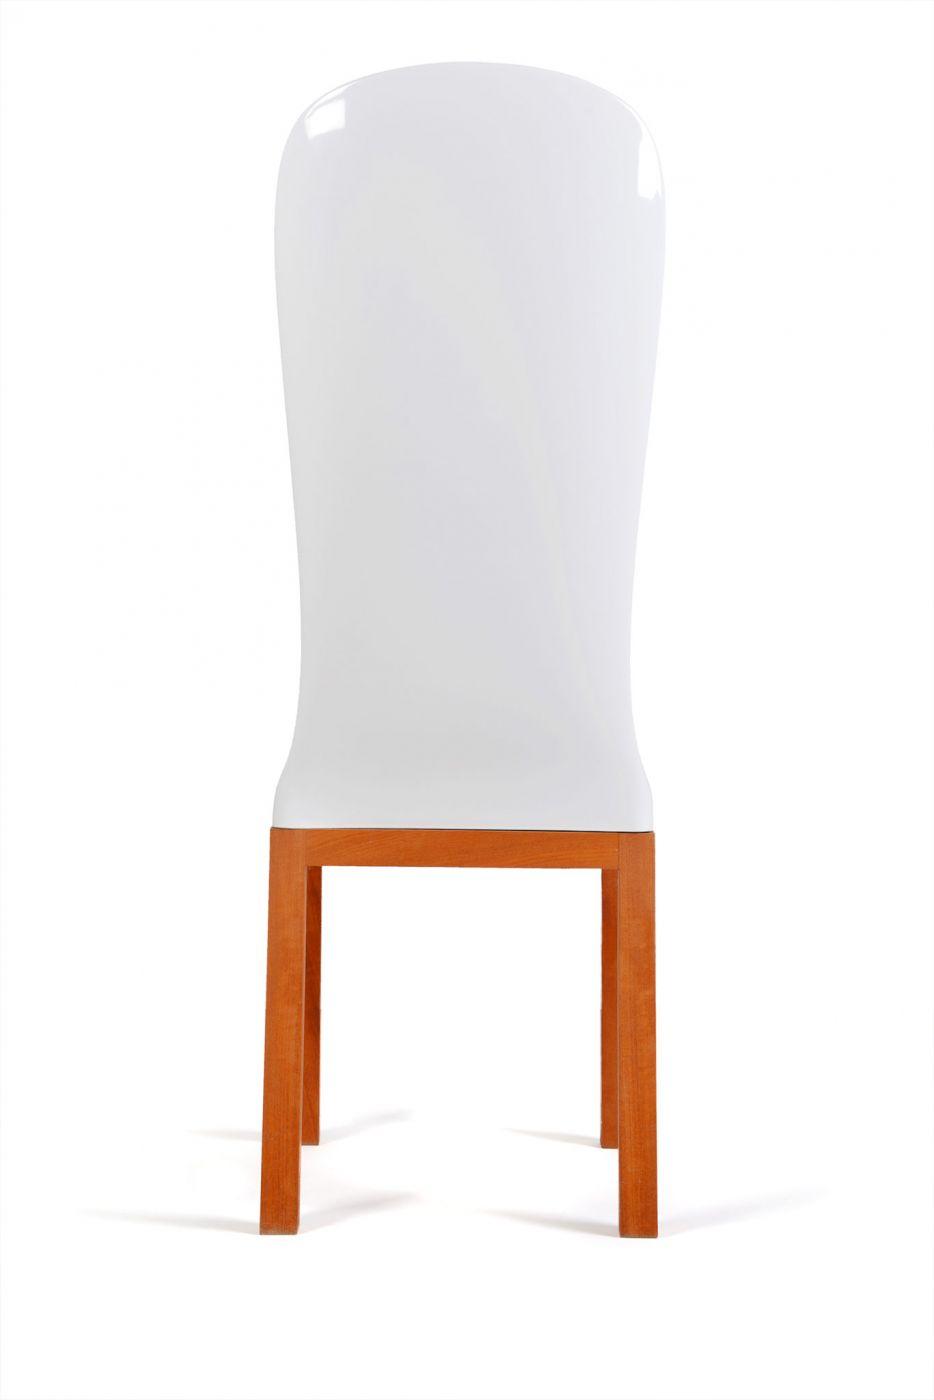 Chaise design extérieur Fjord Art'Mely